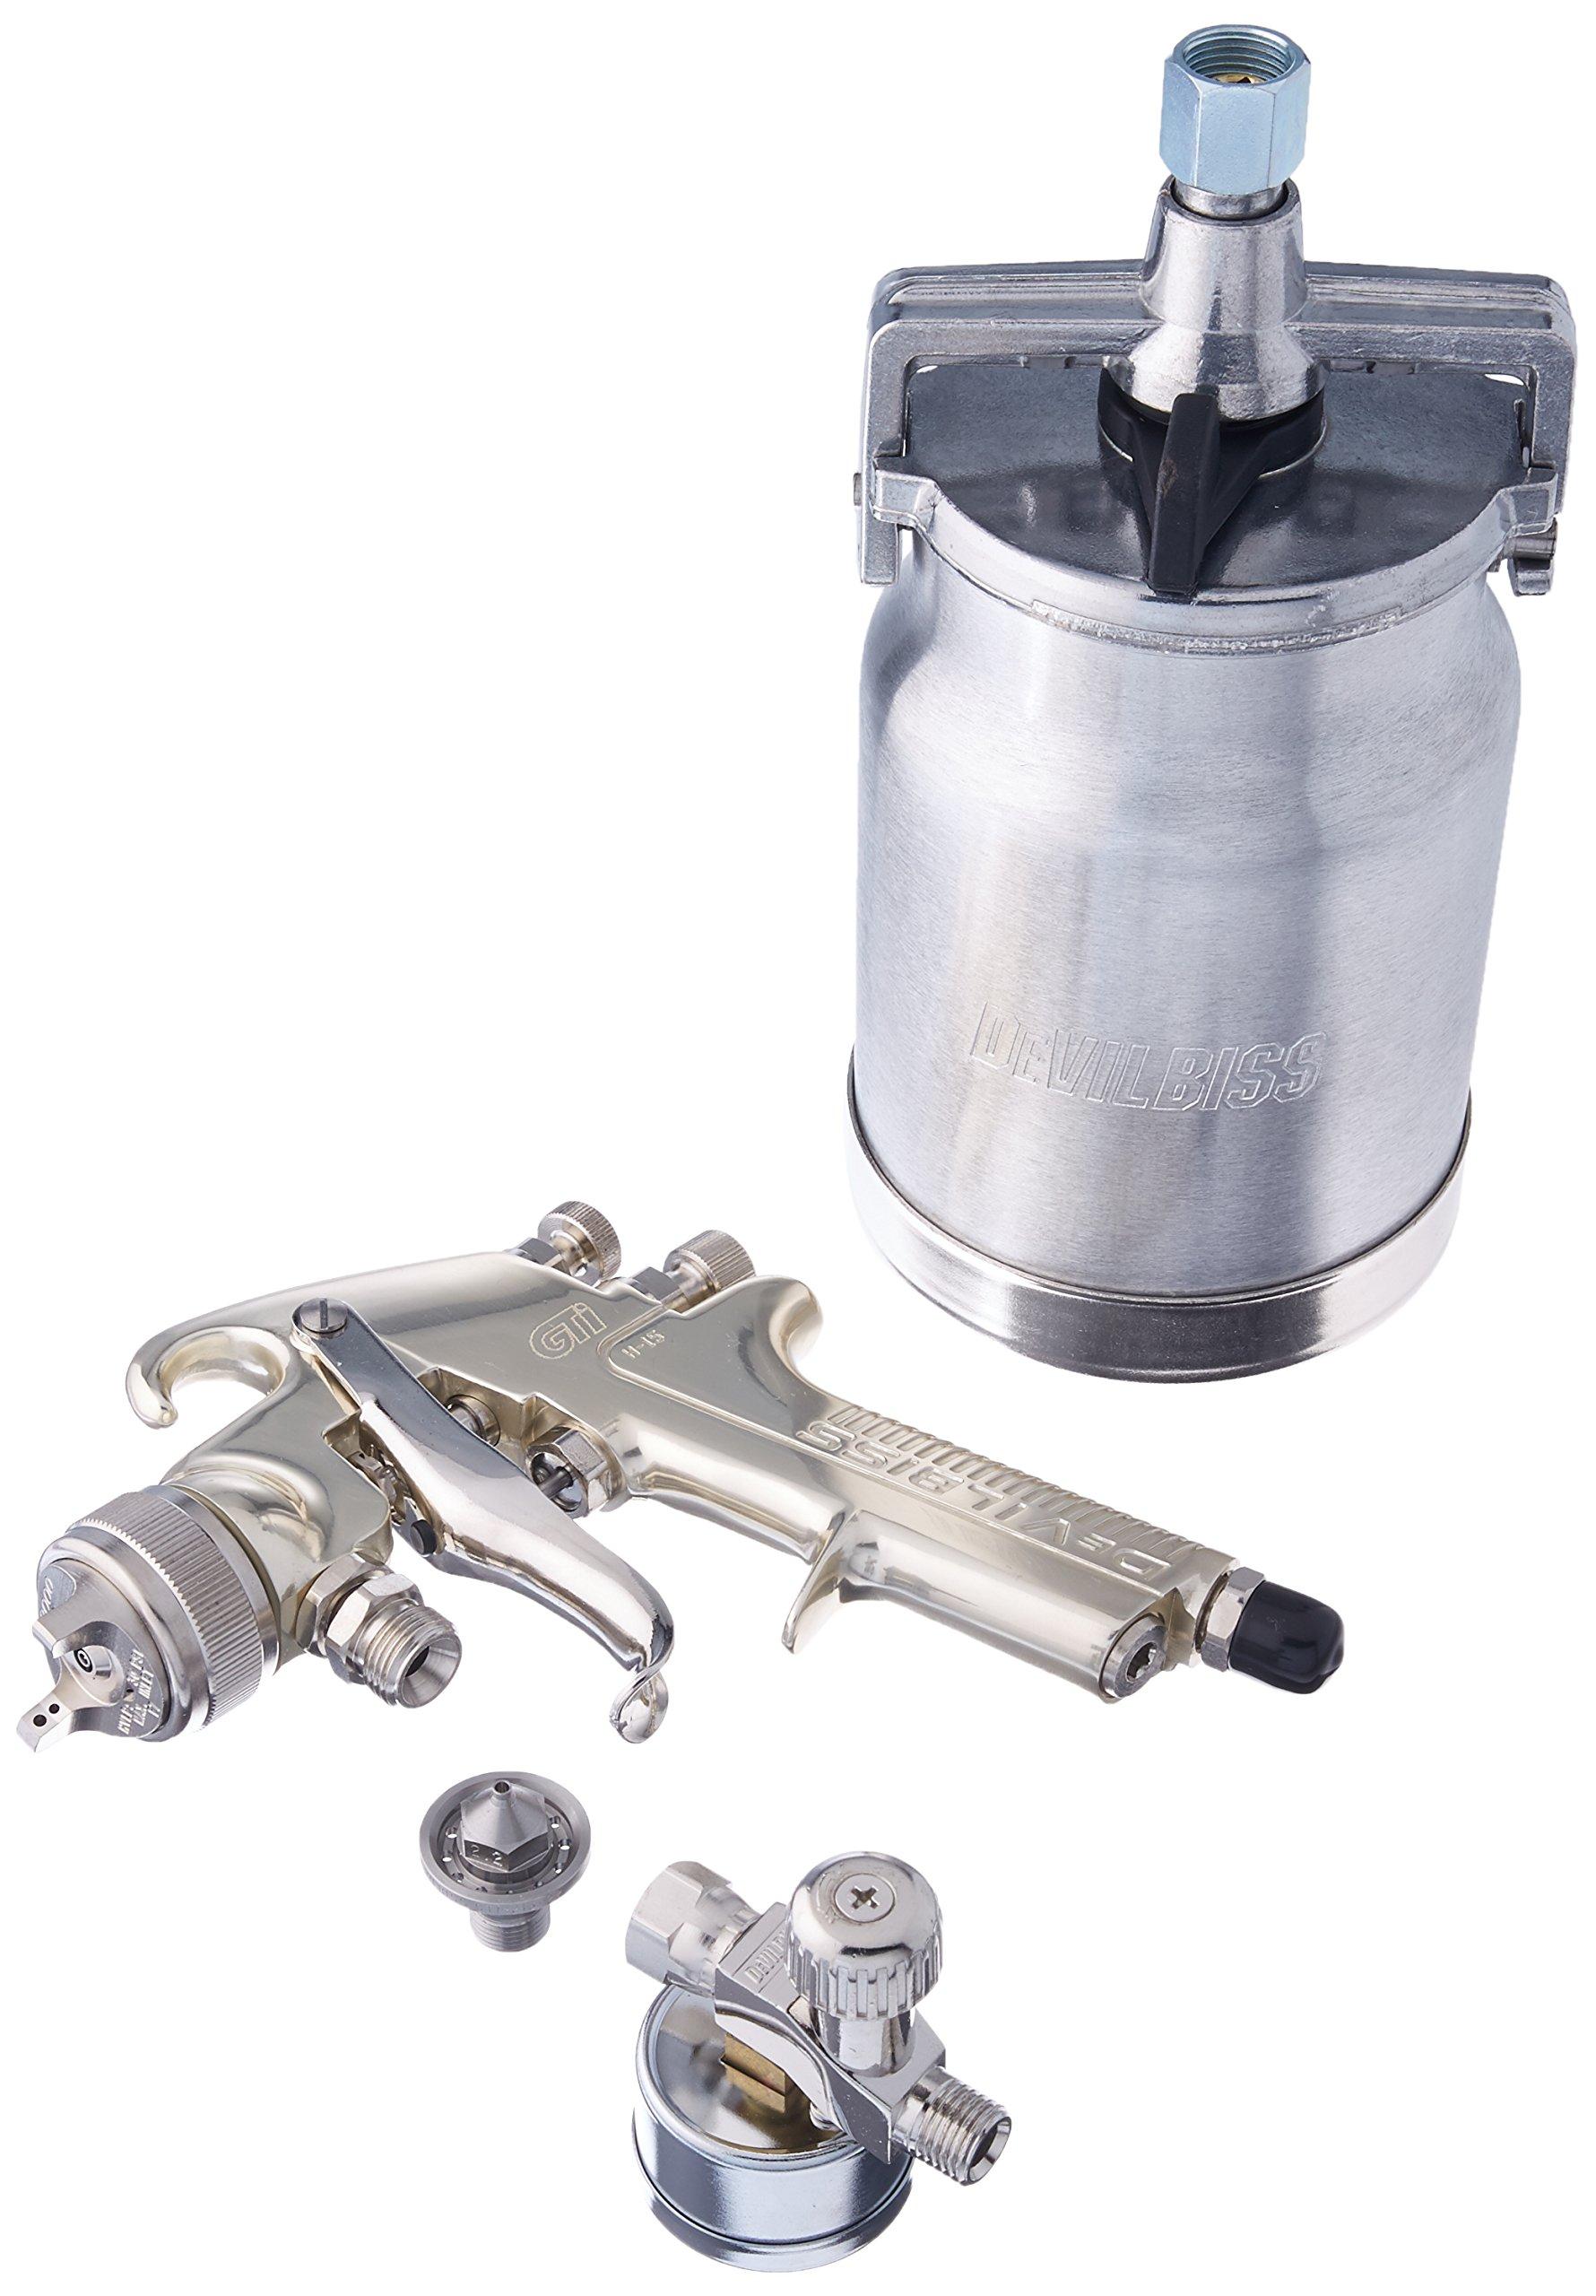 DeVilbiss GTI620S Millennium HVLP Suction Feed Spray Gun